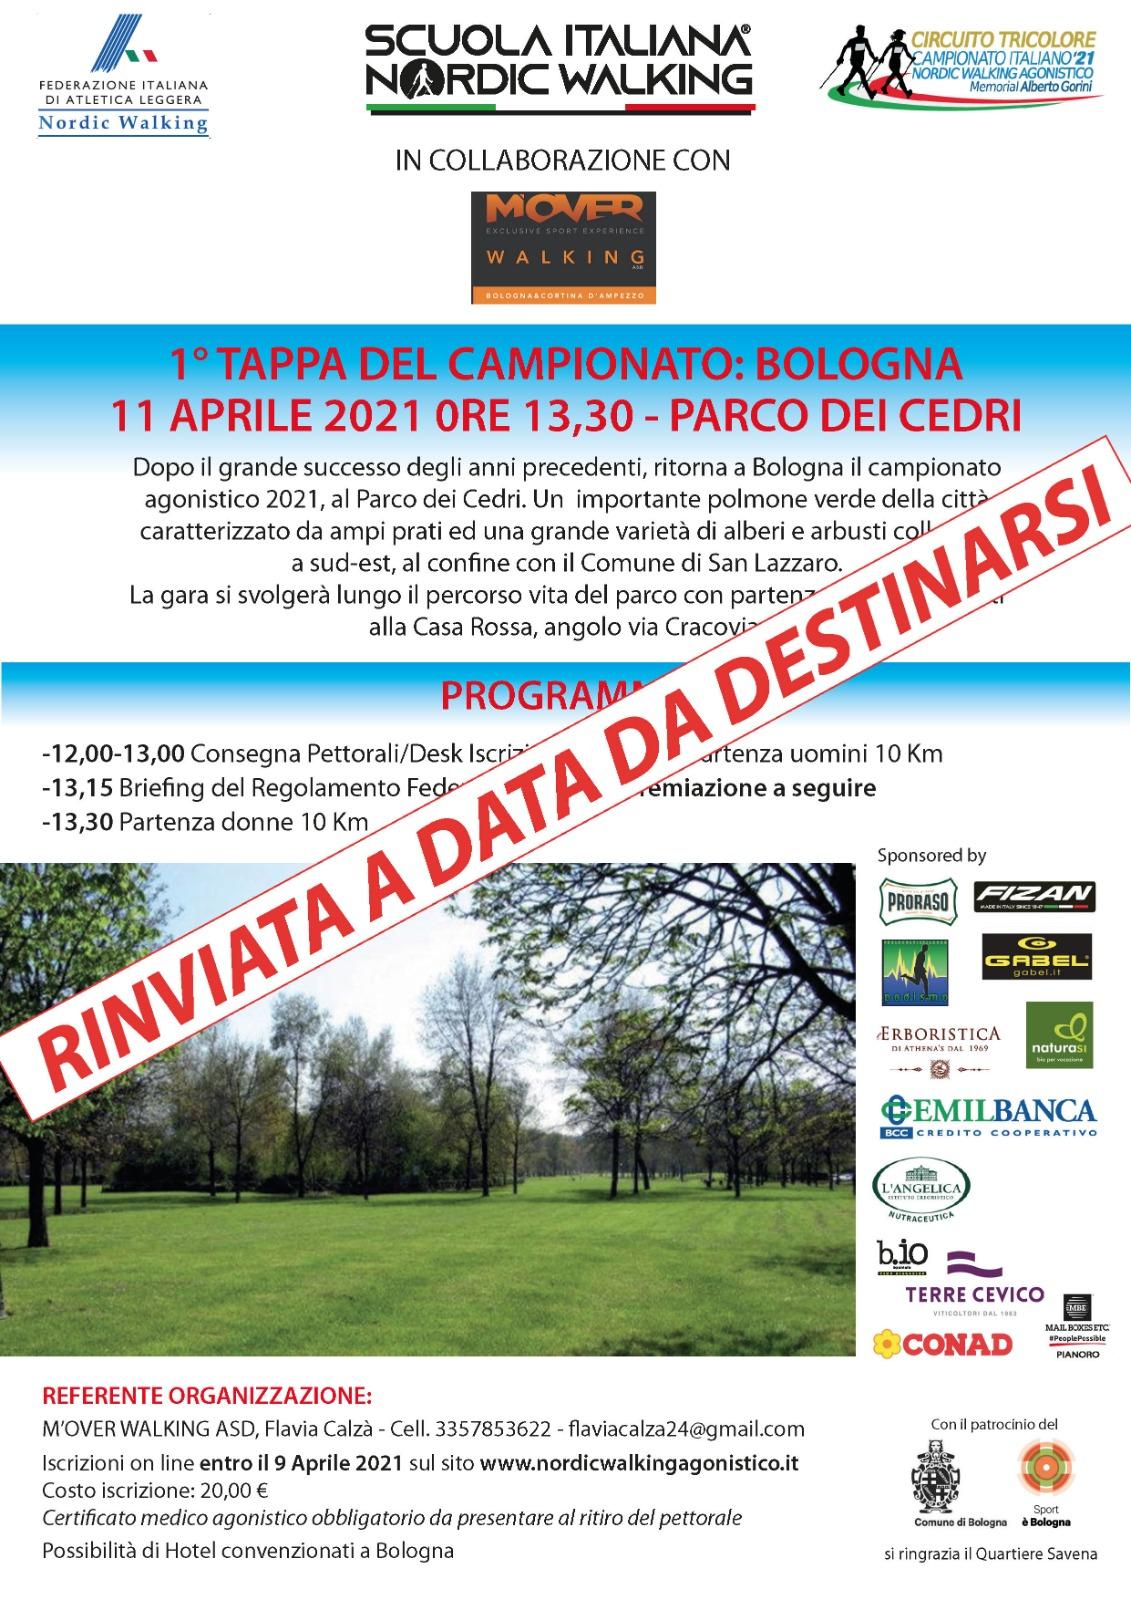 1 Tappa 2021 Bologna 11 Aprile 2021 rinviata a data da destinarsi.